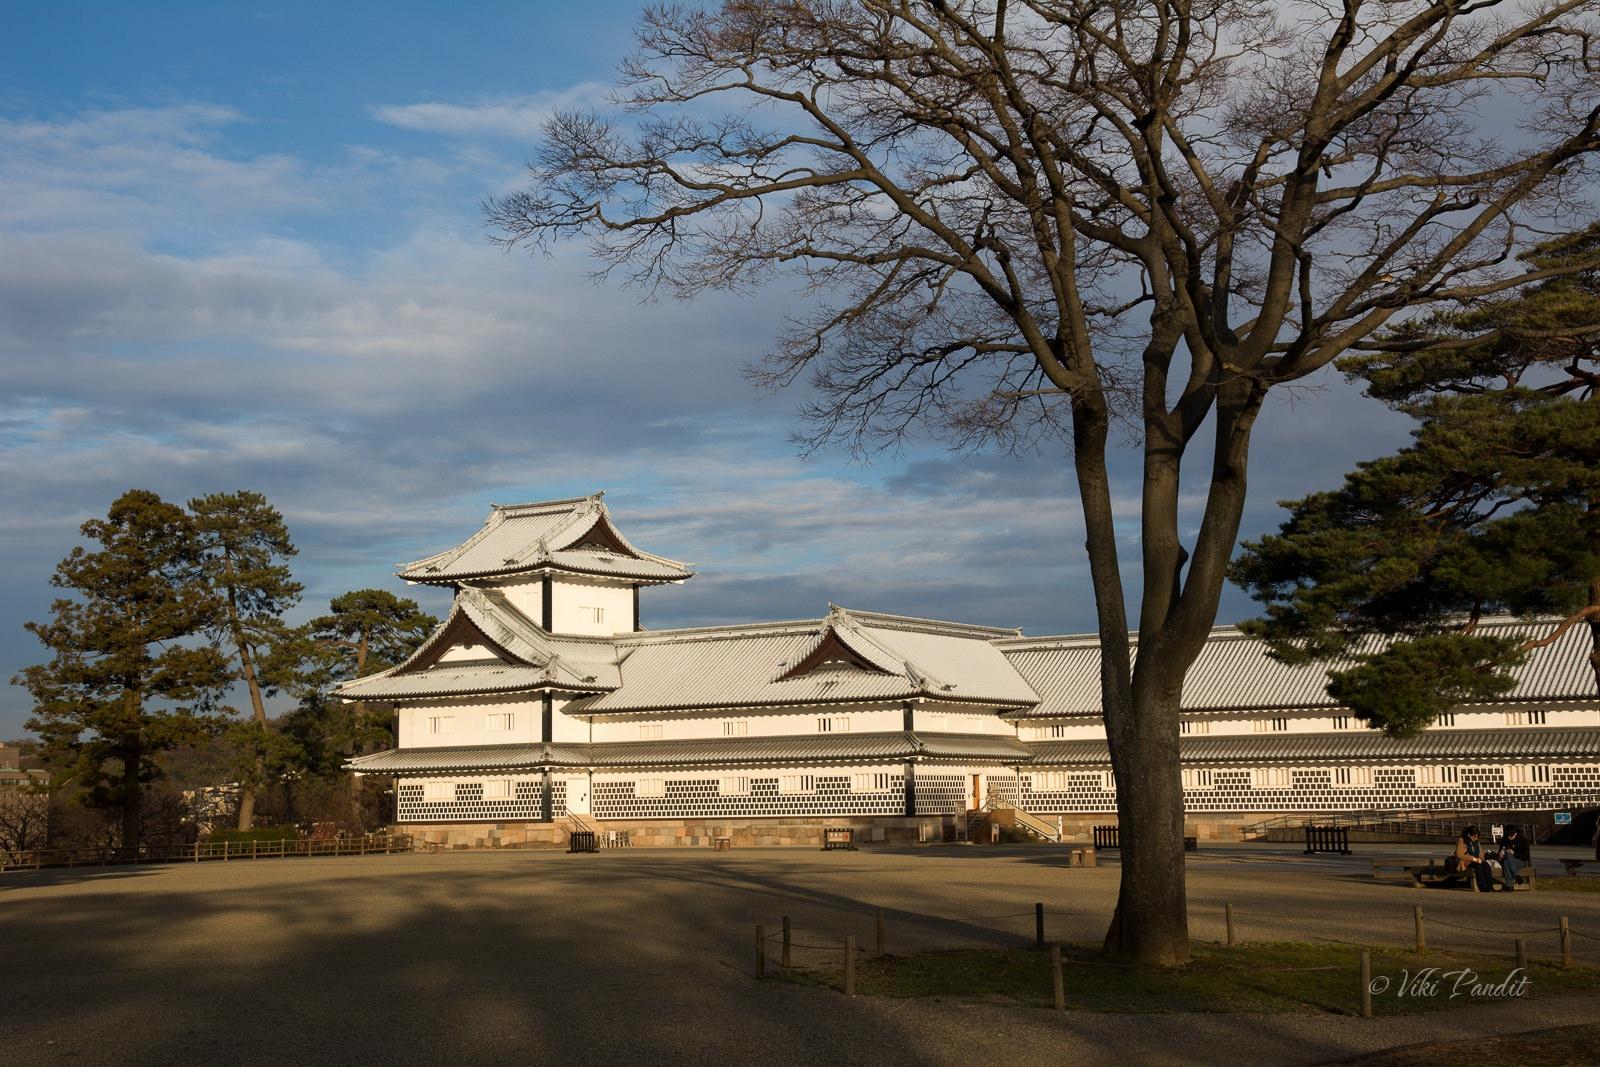 Kanazawa-jo Castle Grounds